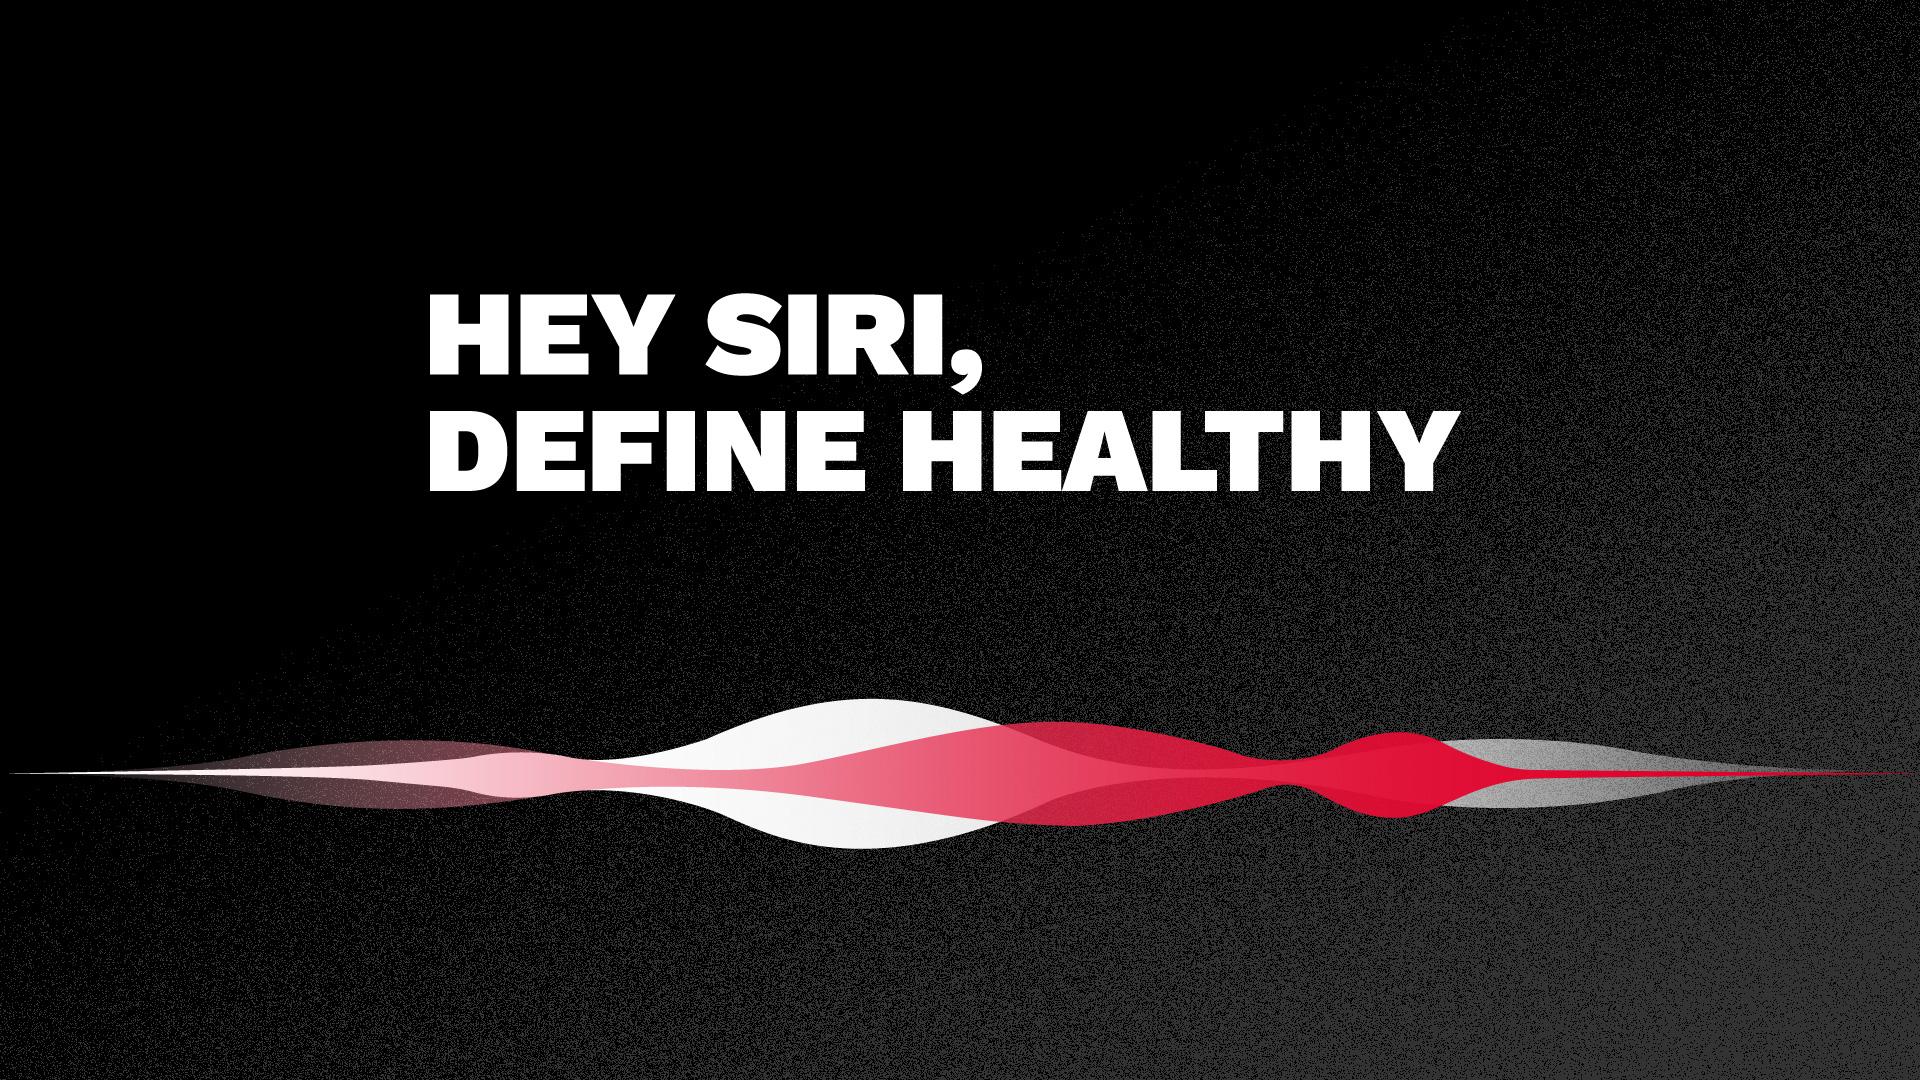 Hey Siri, Define Healthy